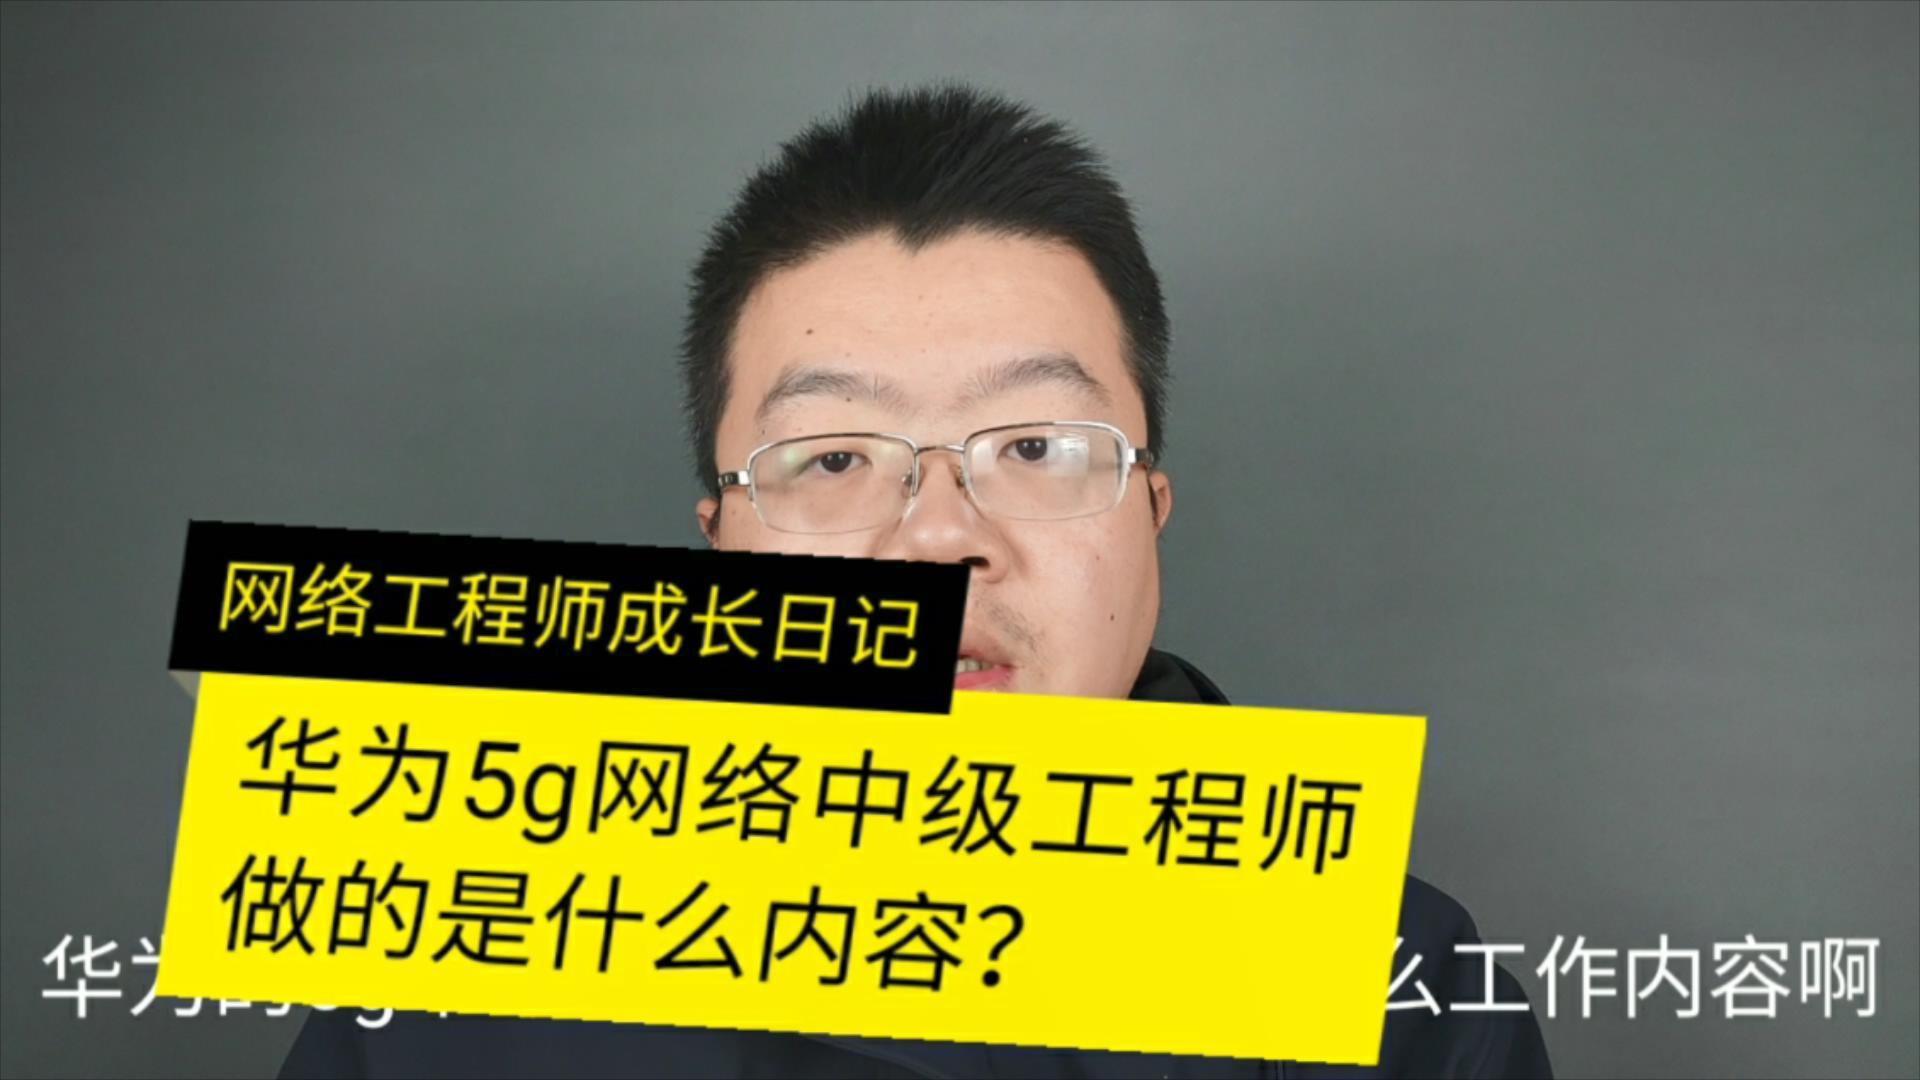 华为5g网络工程师中级岗位的工作内容是做什么